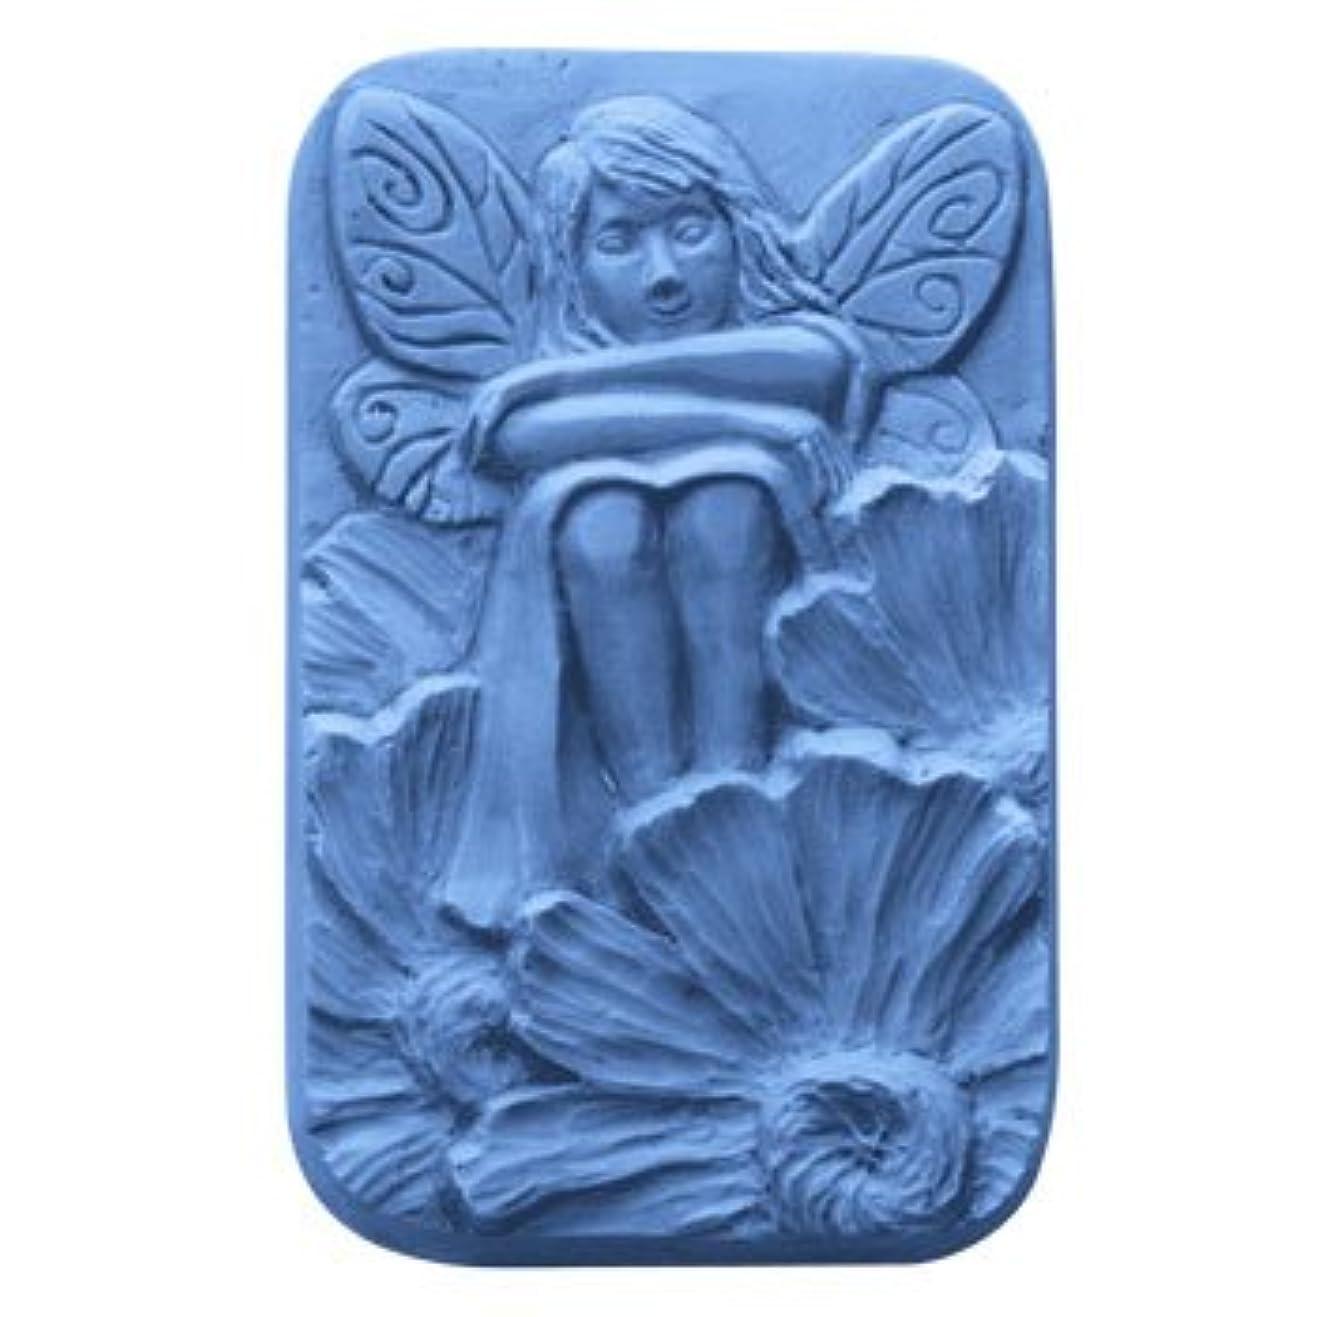 機会樫の木サーバミルキーウェイ フェアリー[妖精] 【ソープモールド/石鹸型/シートモールド】